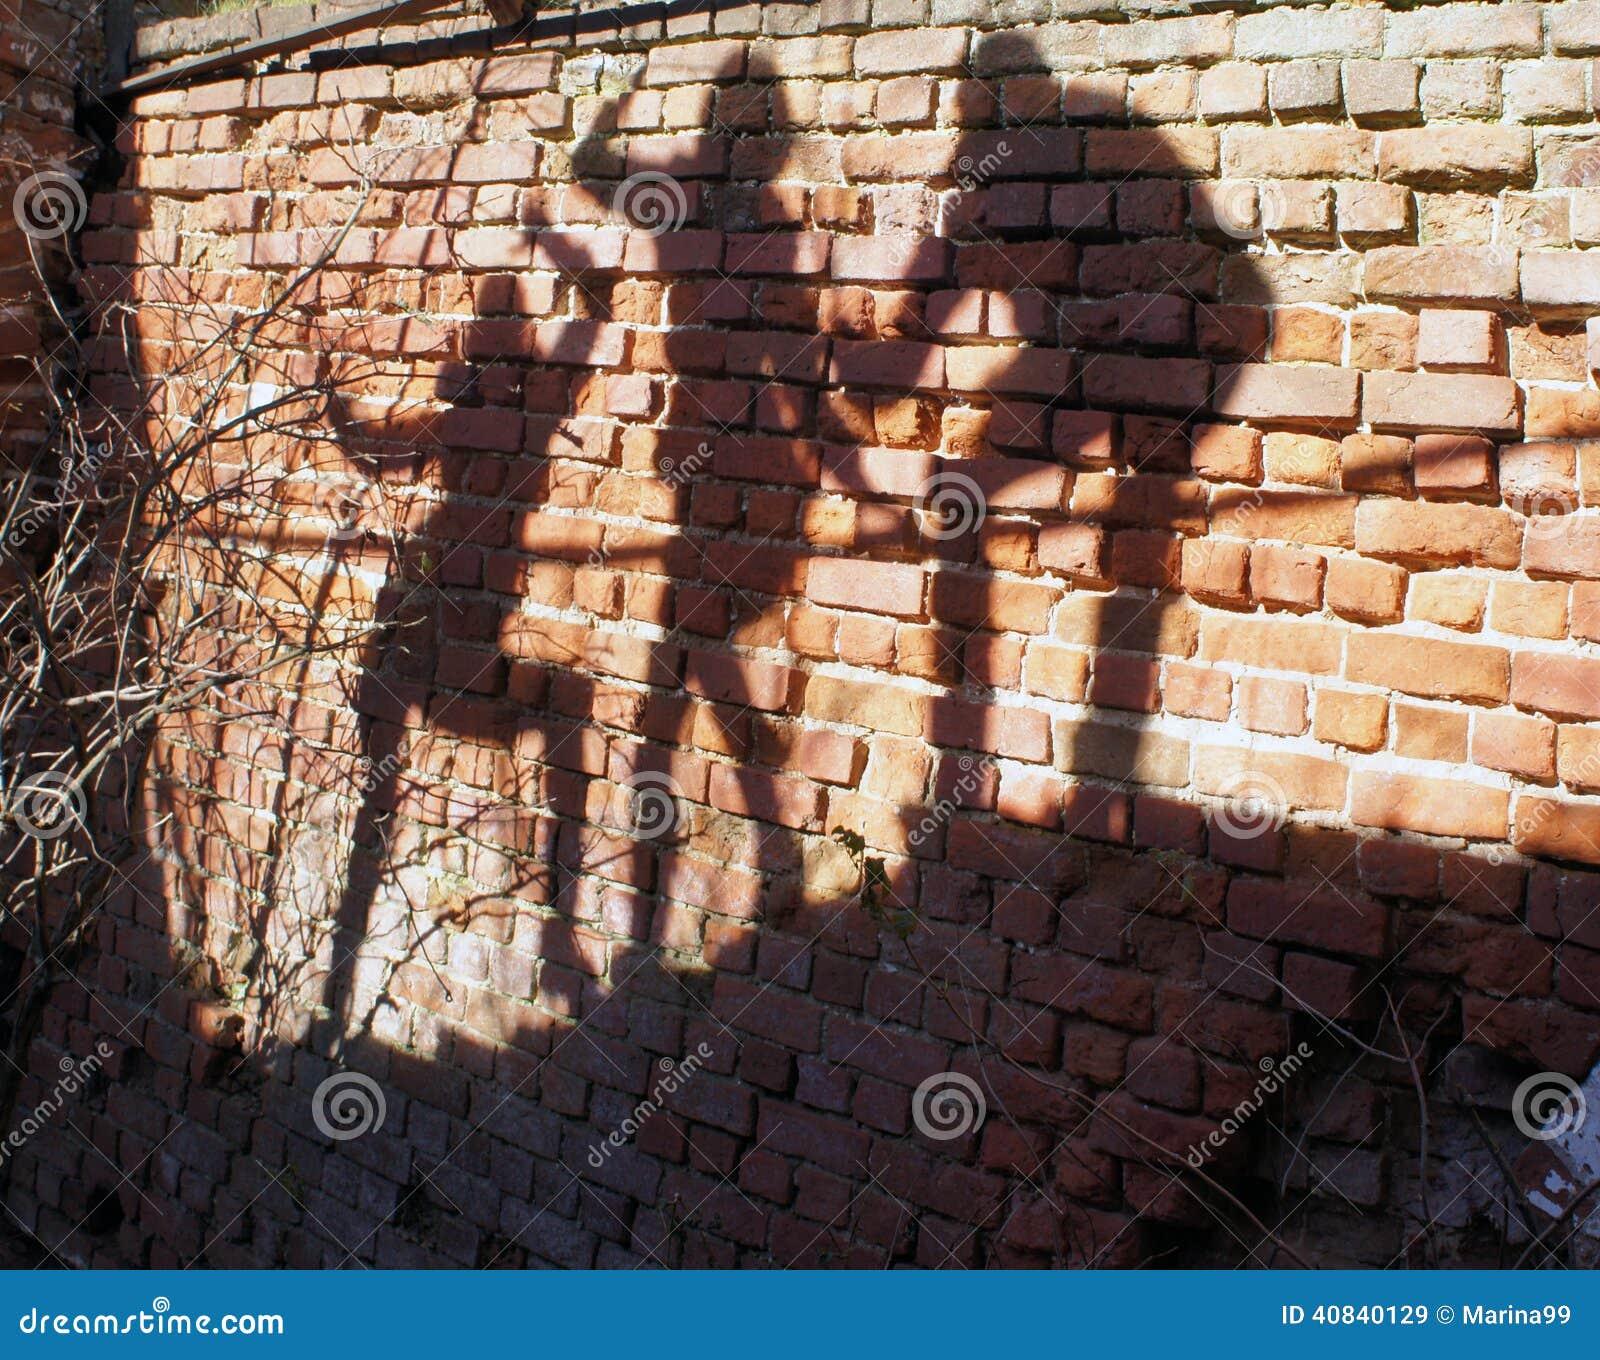 Gruppo di ombre umane sul muro di mattoni immagine stock for Disegni di garage di mattoni